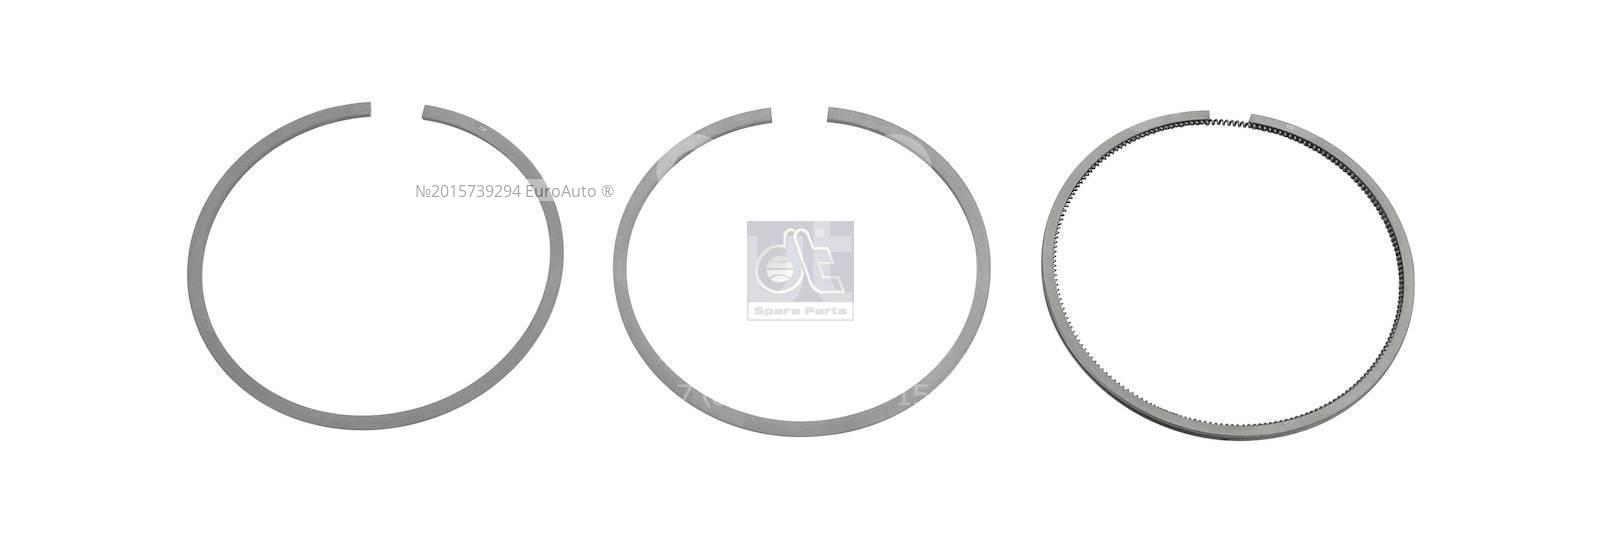 Купить Кольца поршневые компрессора ; (7.95083)